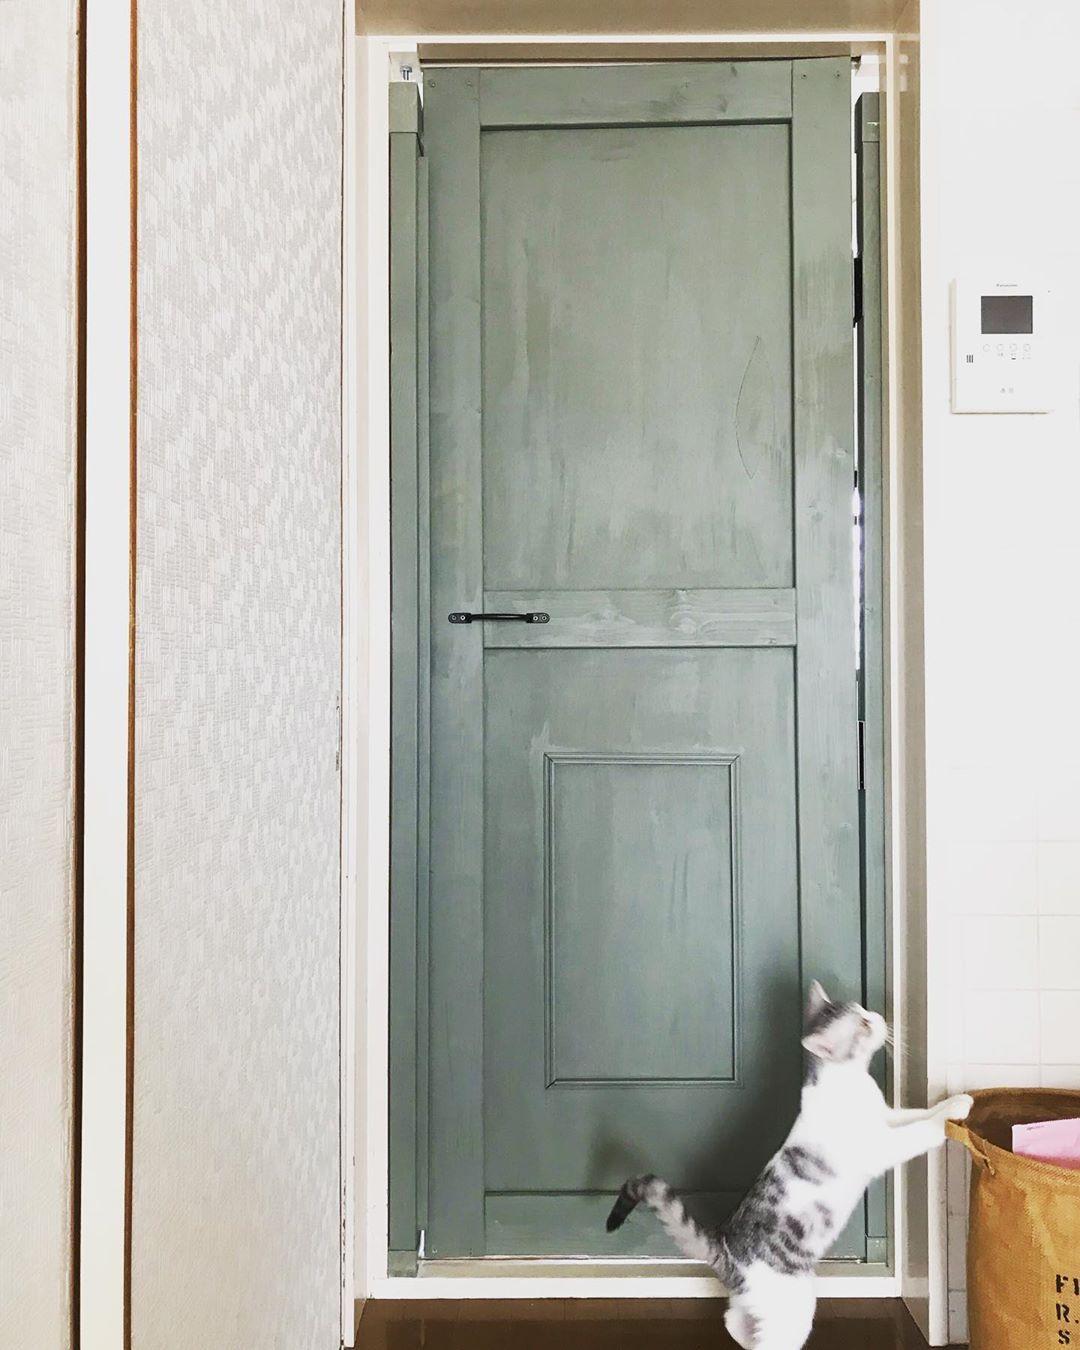 Diy ドア 築37年の我が家のマンション あらゆる所が中途半端に